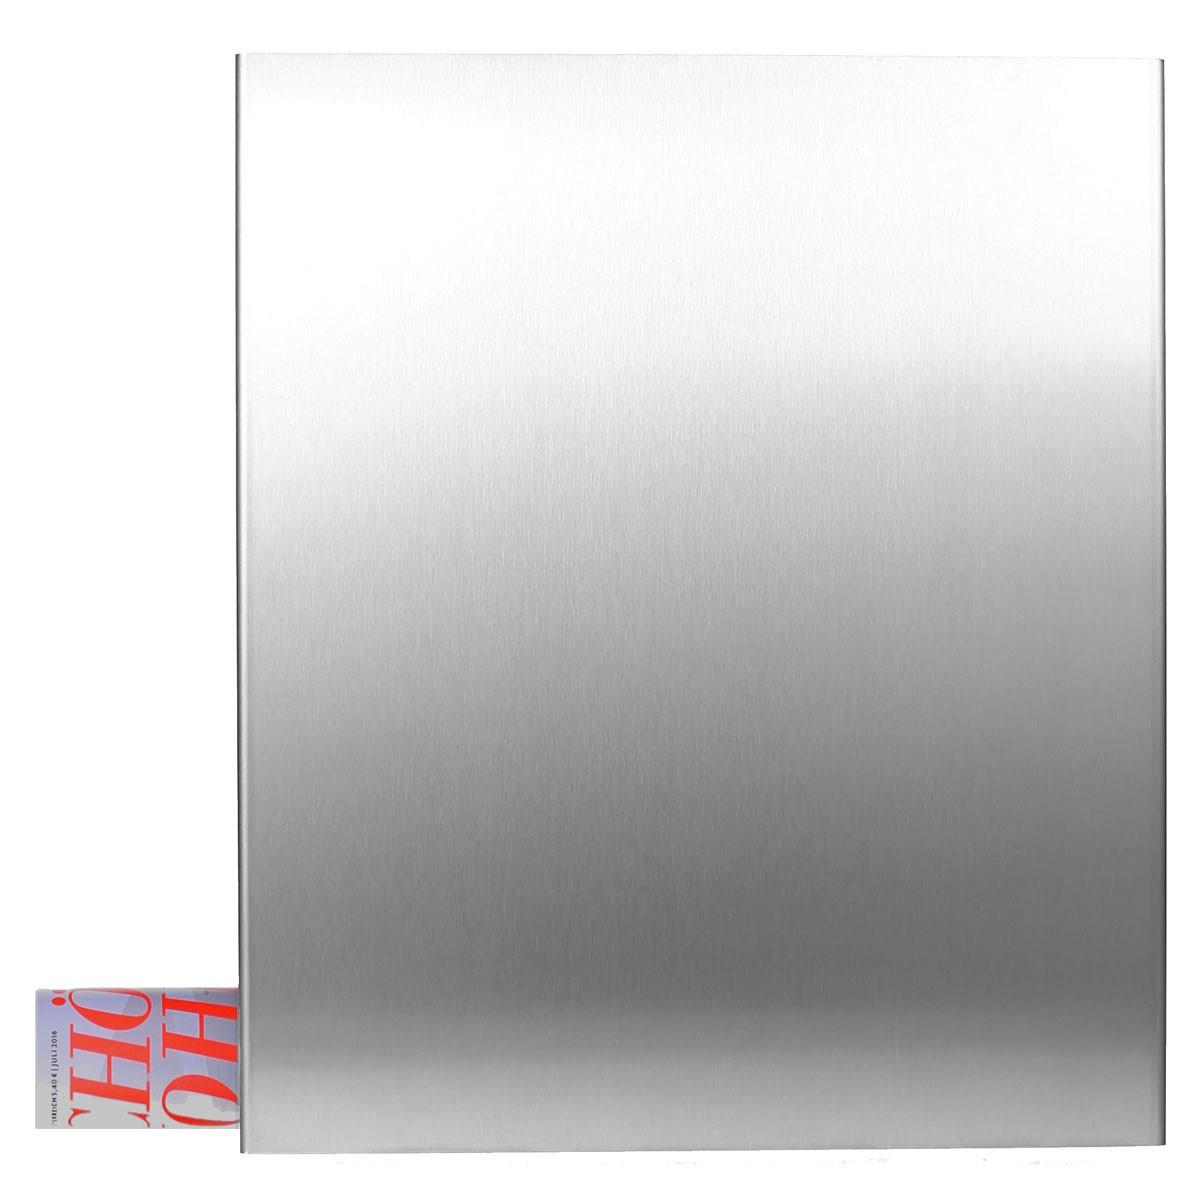 edelstahl briefkasten mit zeitungsfach korpus anthrazitgrau ral 7016 mocavi box 111va eingang. Black Bedroom Furniture Sets. Home Design Ideas